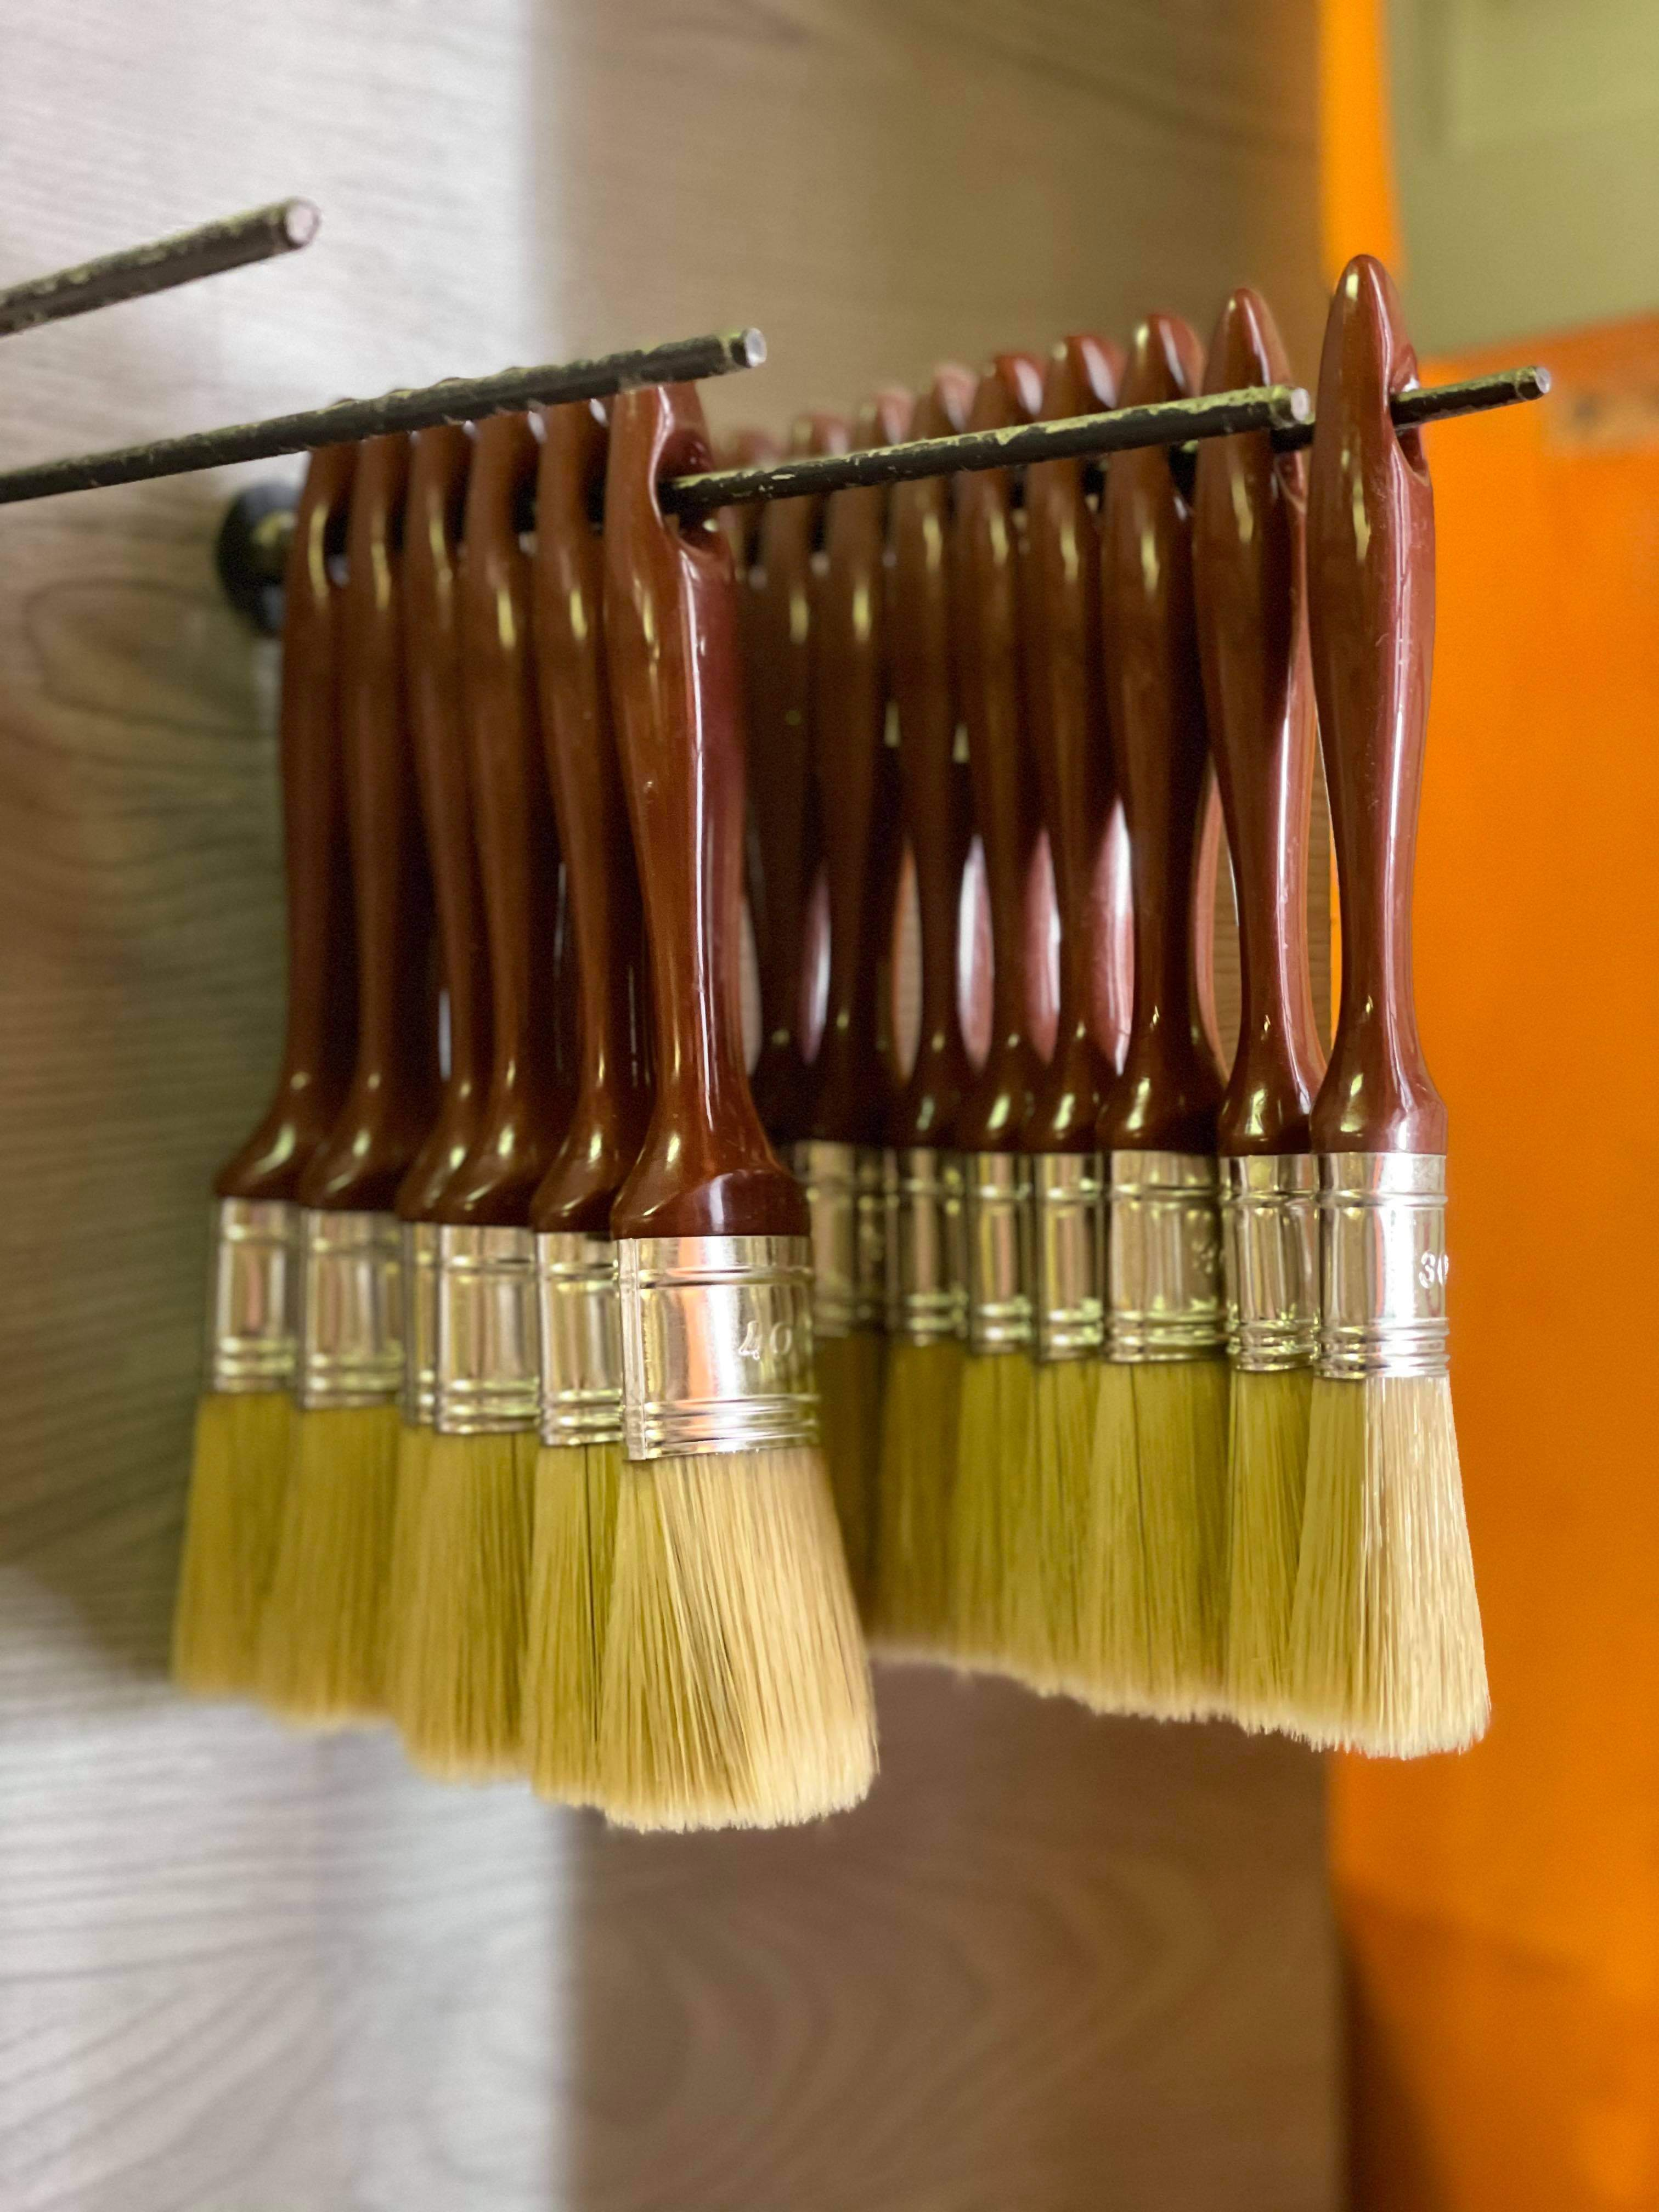 Festő ecset: minőségi eszközzel kifogástalan a felújítás végeredménye!